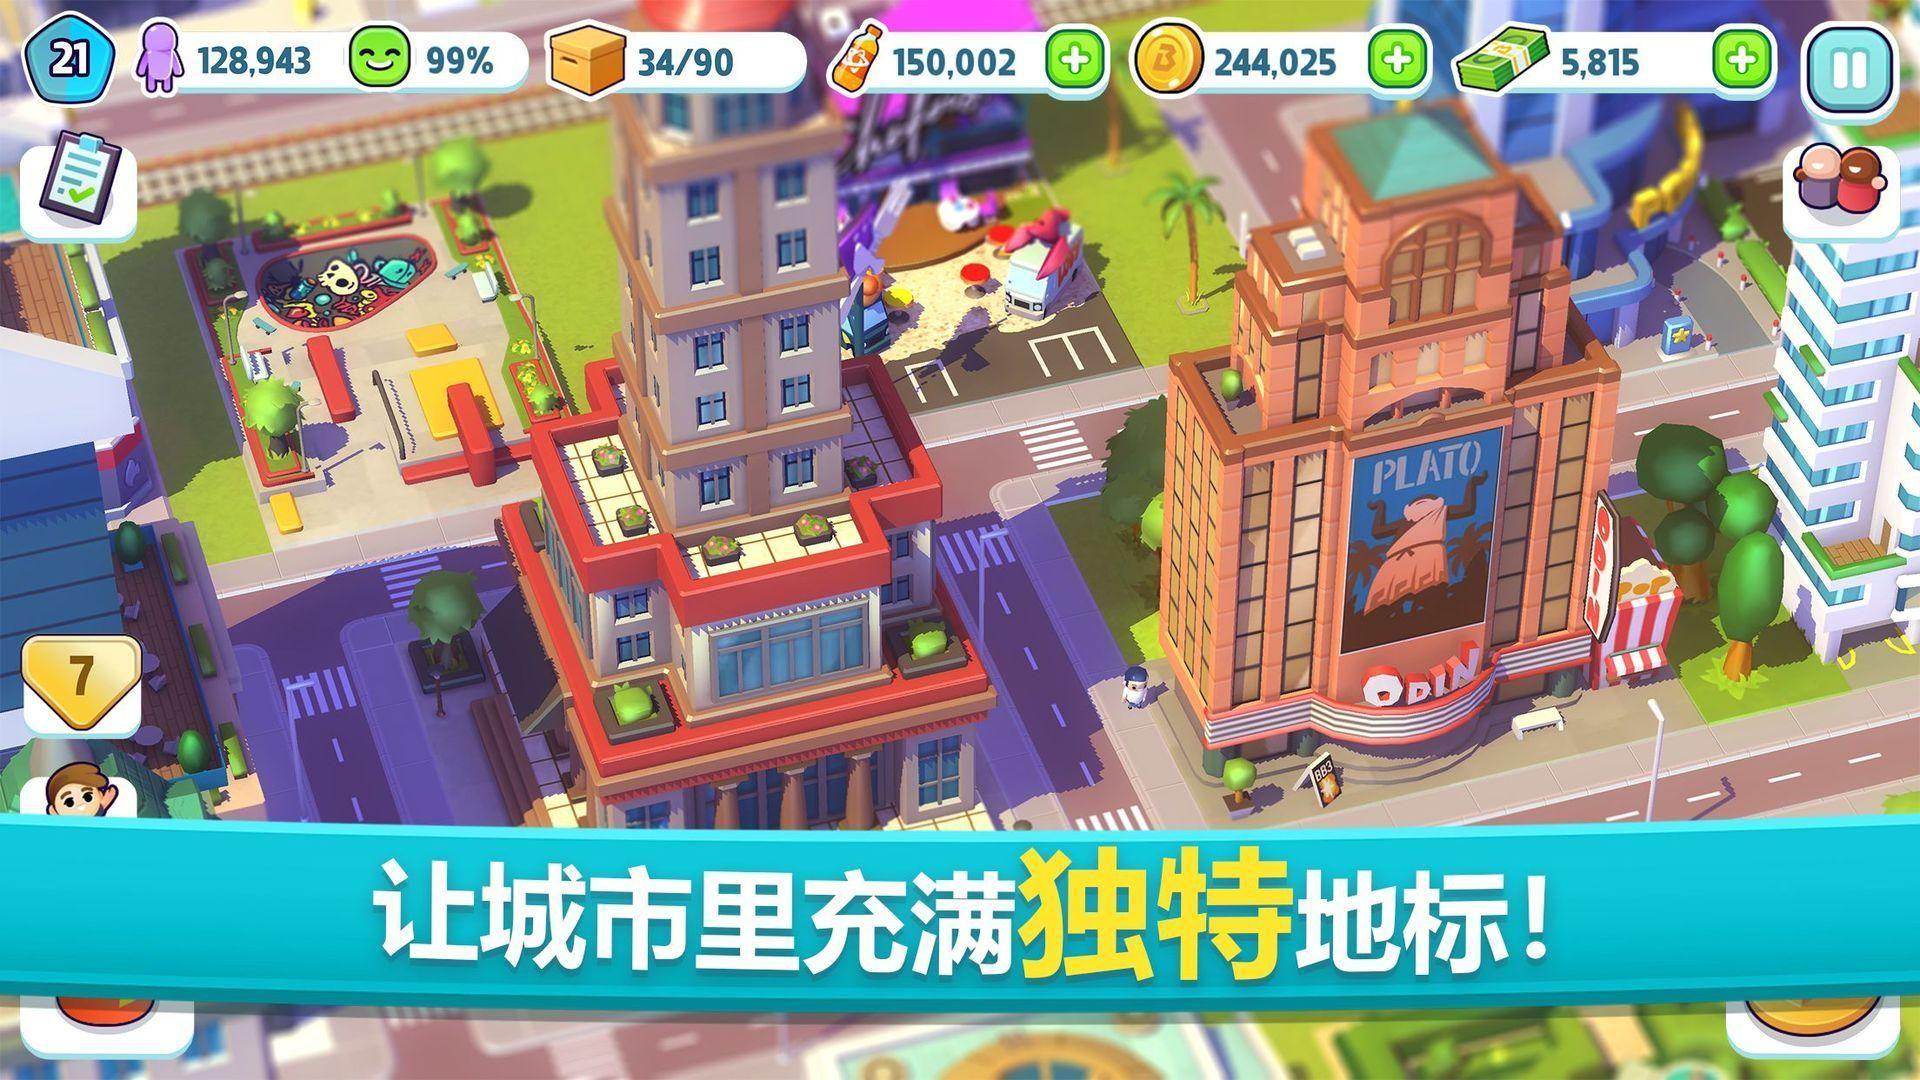 炫动城市:城市建造游戏 游戏截图2